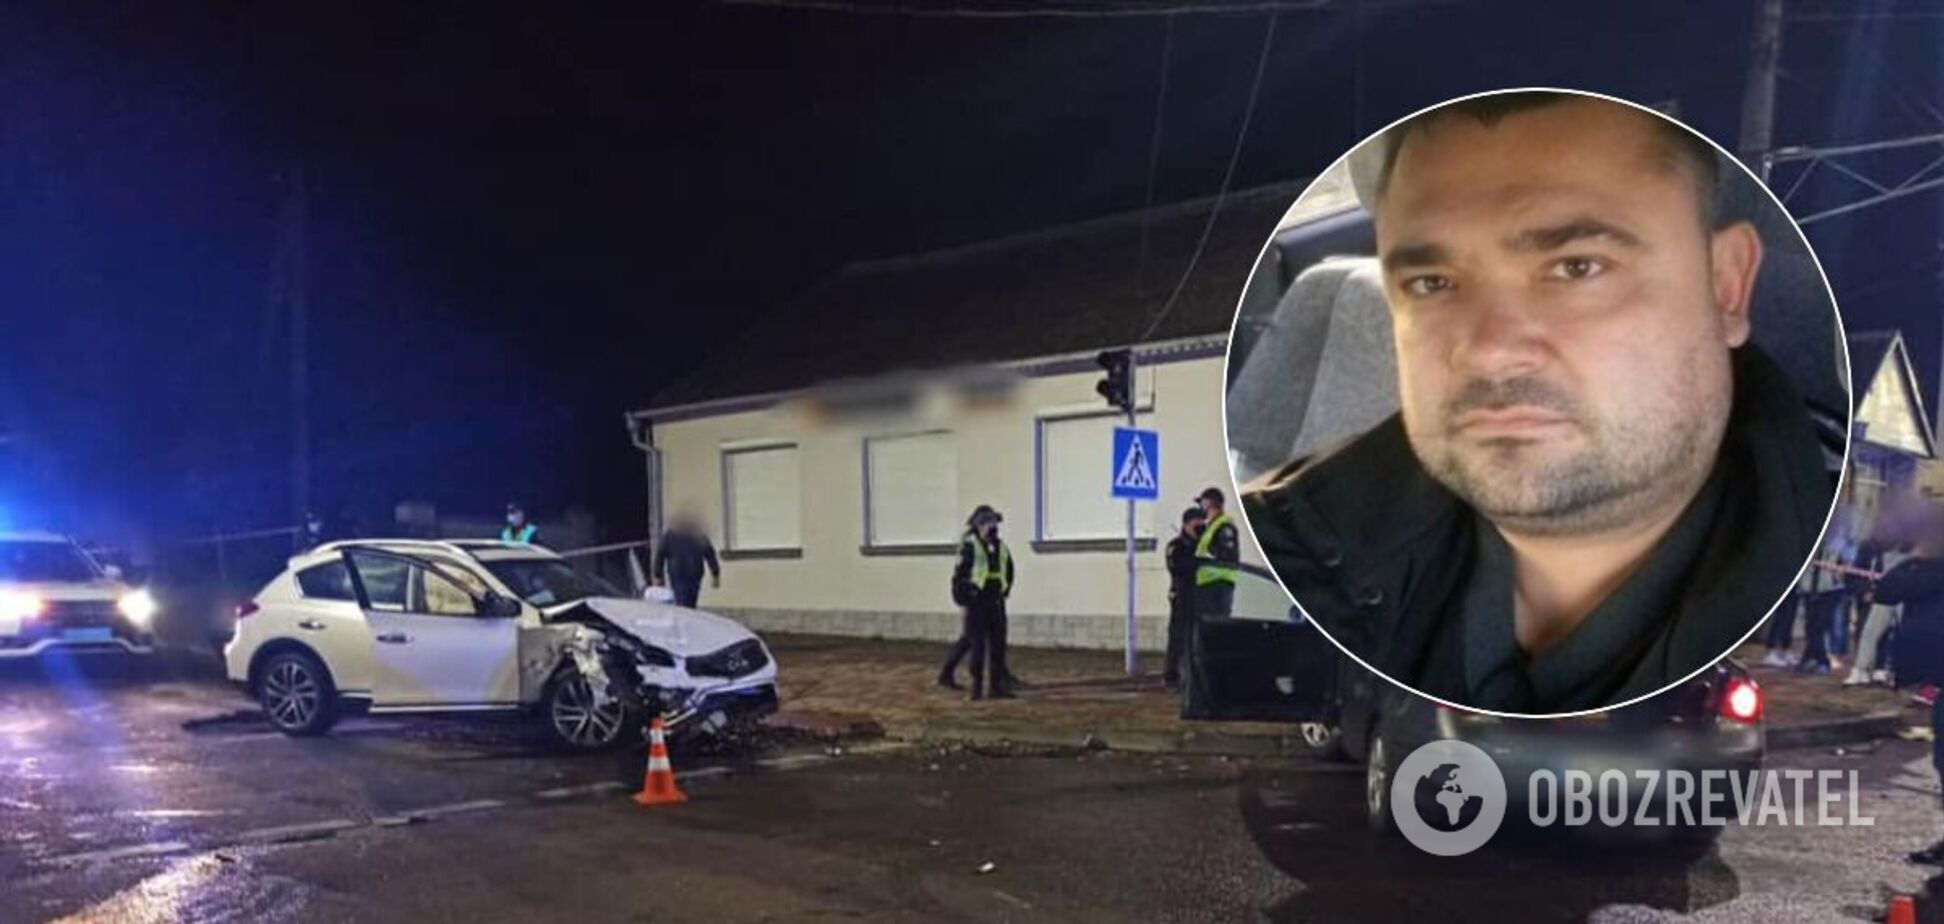 Бузулук потрапив в аварію у стані алкогольного сп'яніння